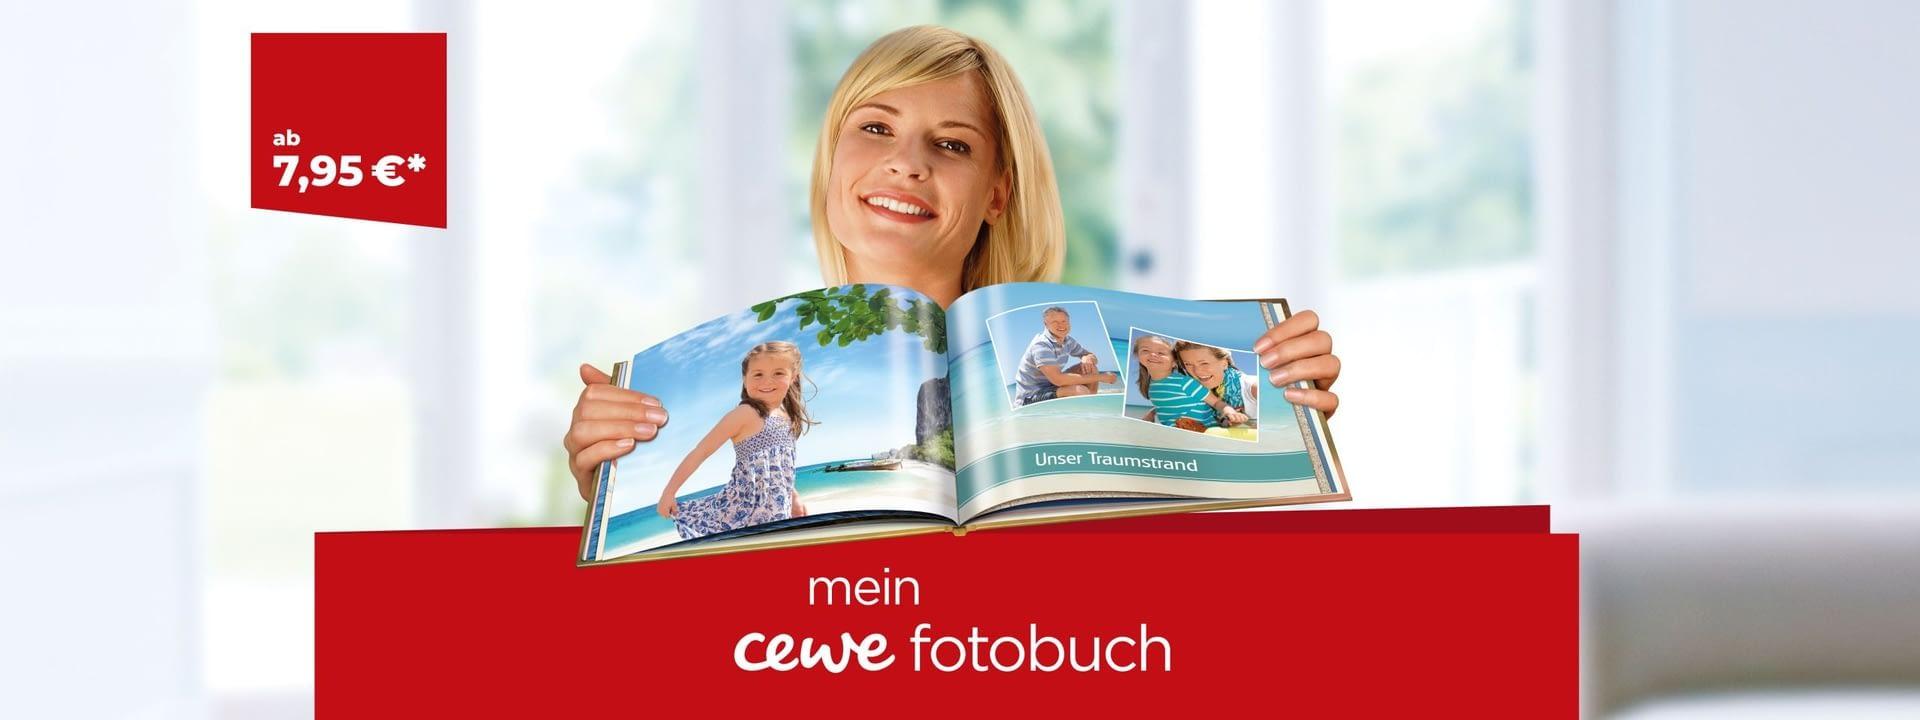 cewe-fotobuch-desktop.jpg